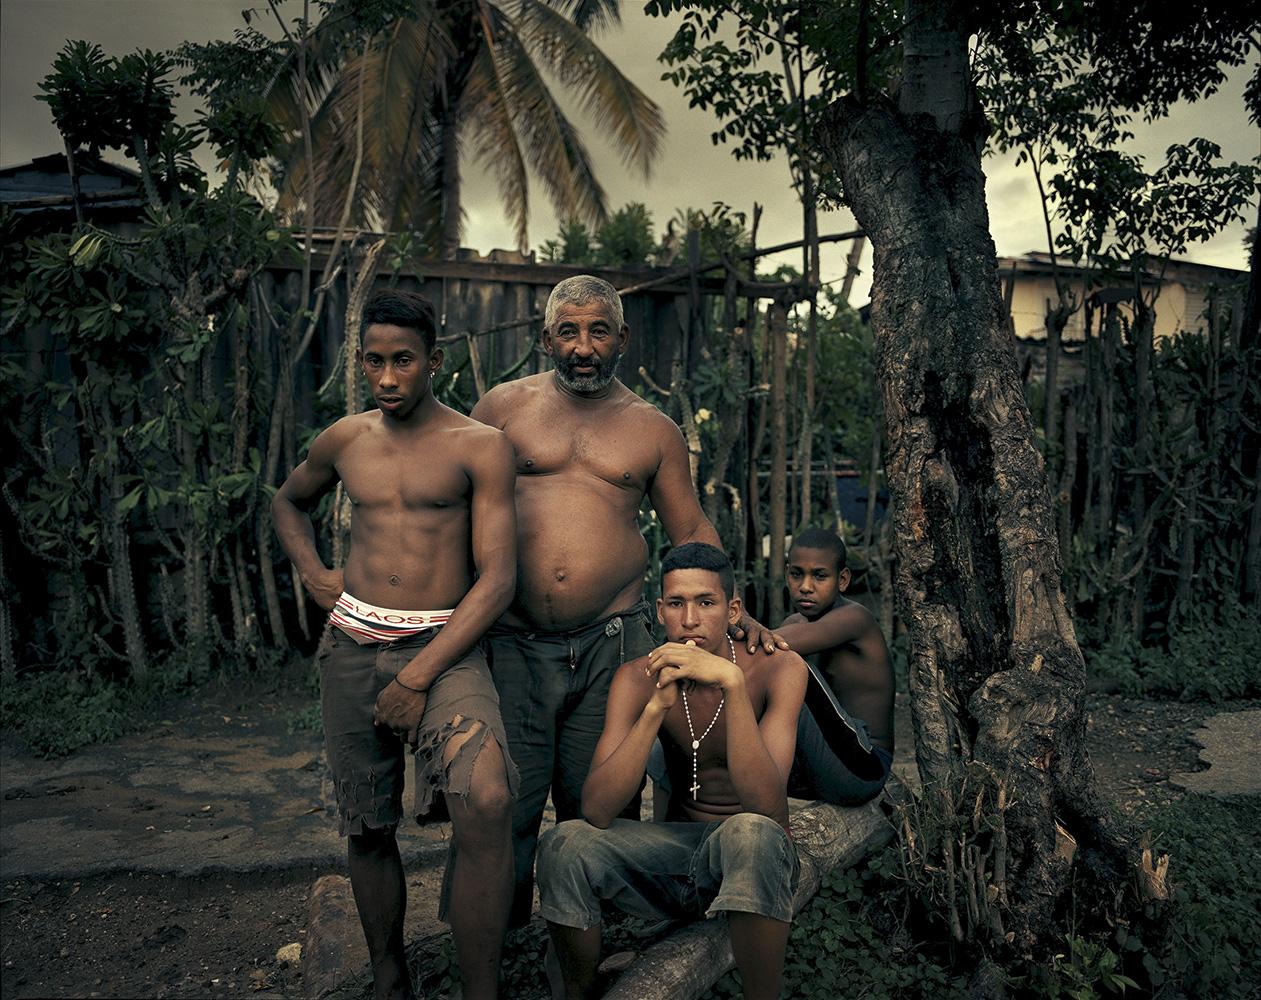 Farmers in El Brujo, a town 12 kilometers outside Santiago de Cuba, rest after working the fields.